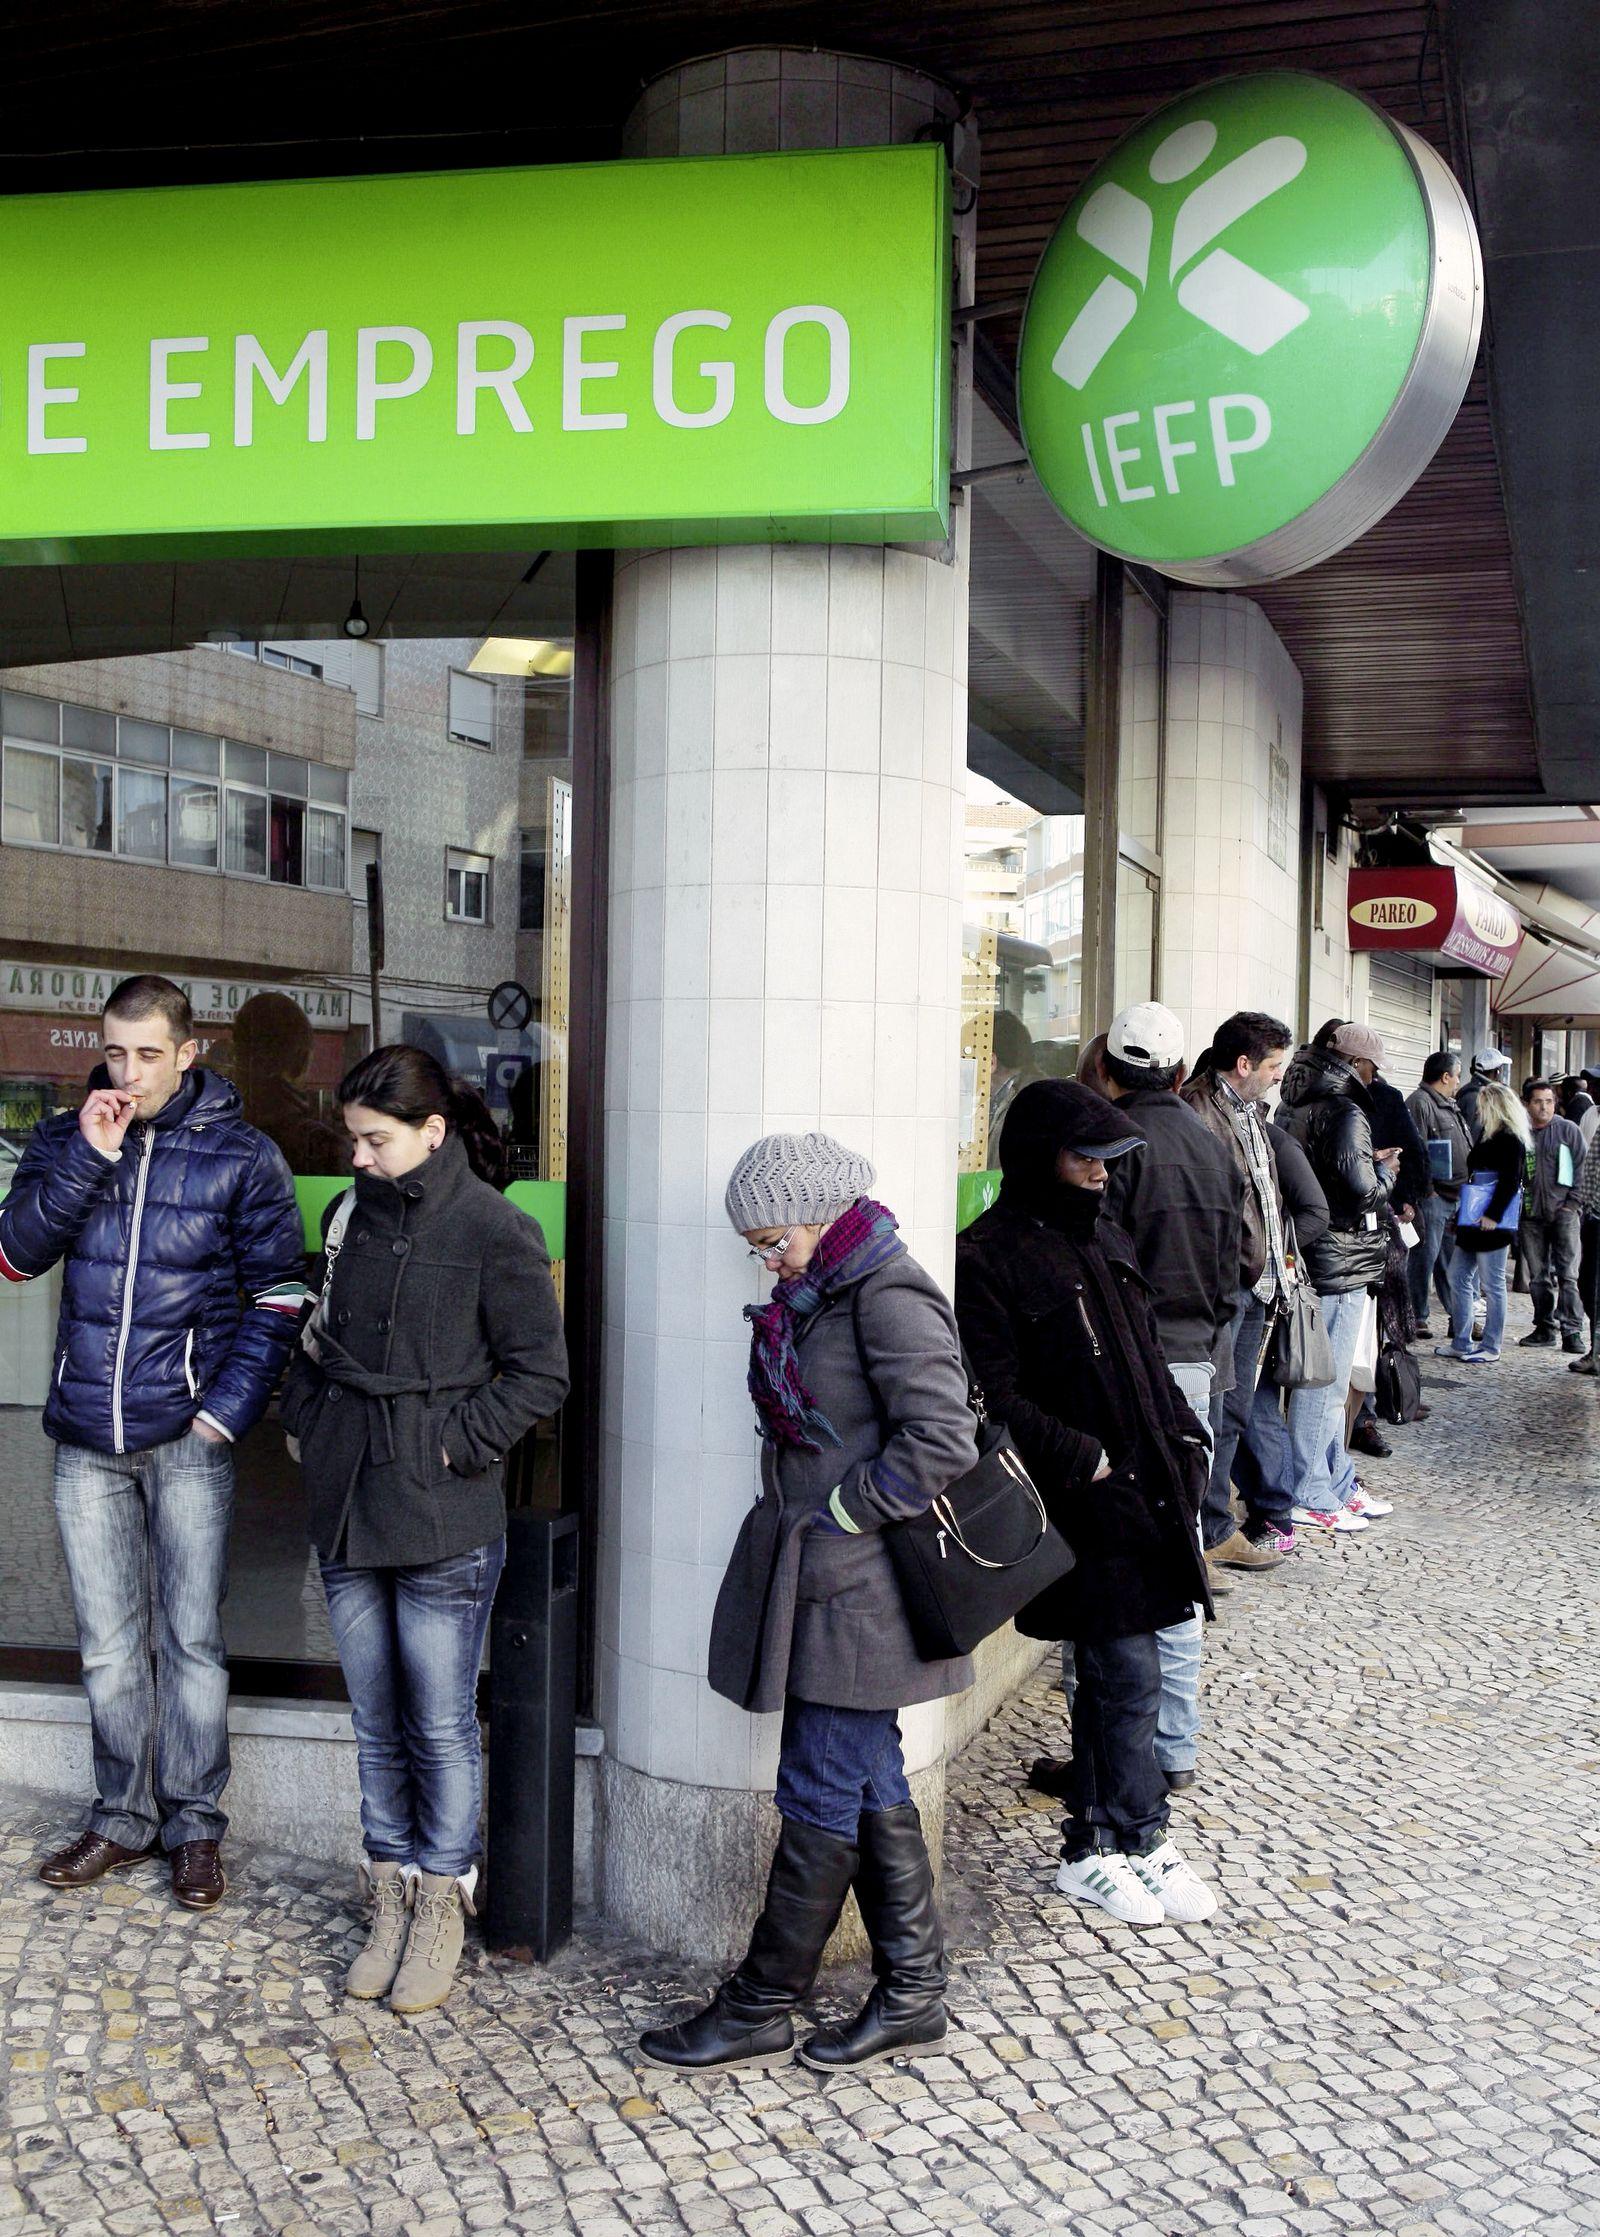 DER SPIEGEL 16/2012 pp 84 SPIN / Schuldenkrise / Arbeitslose Lissabon